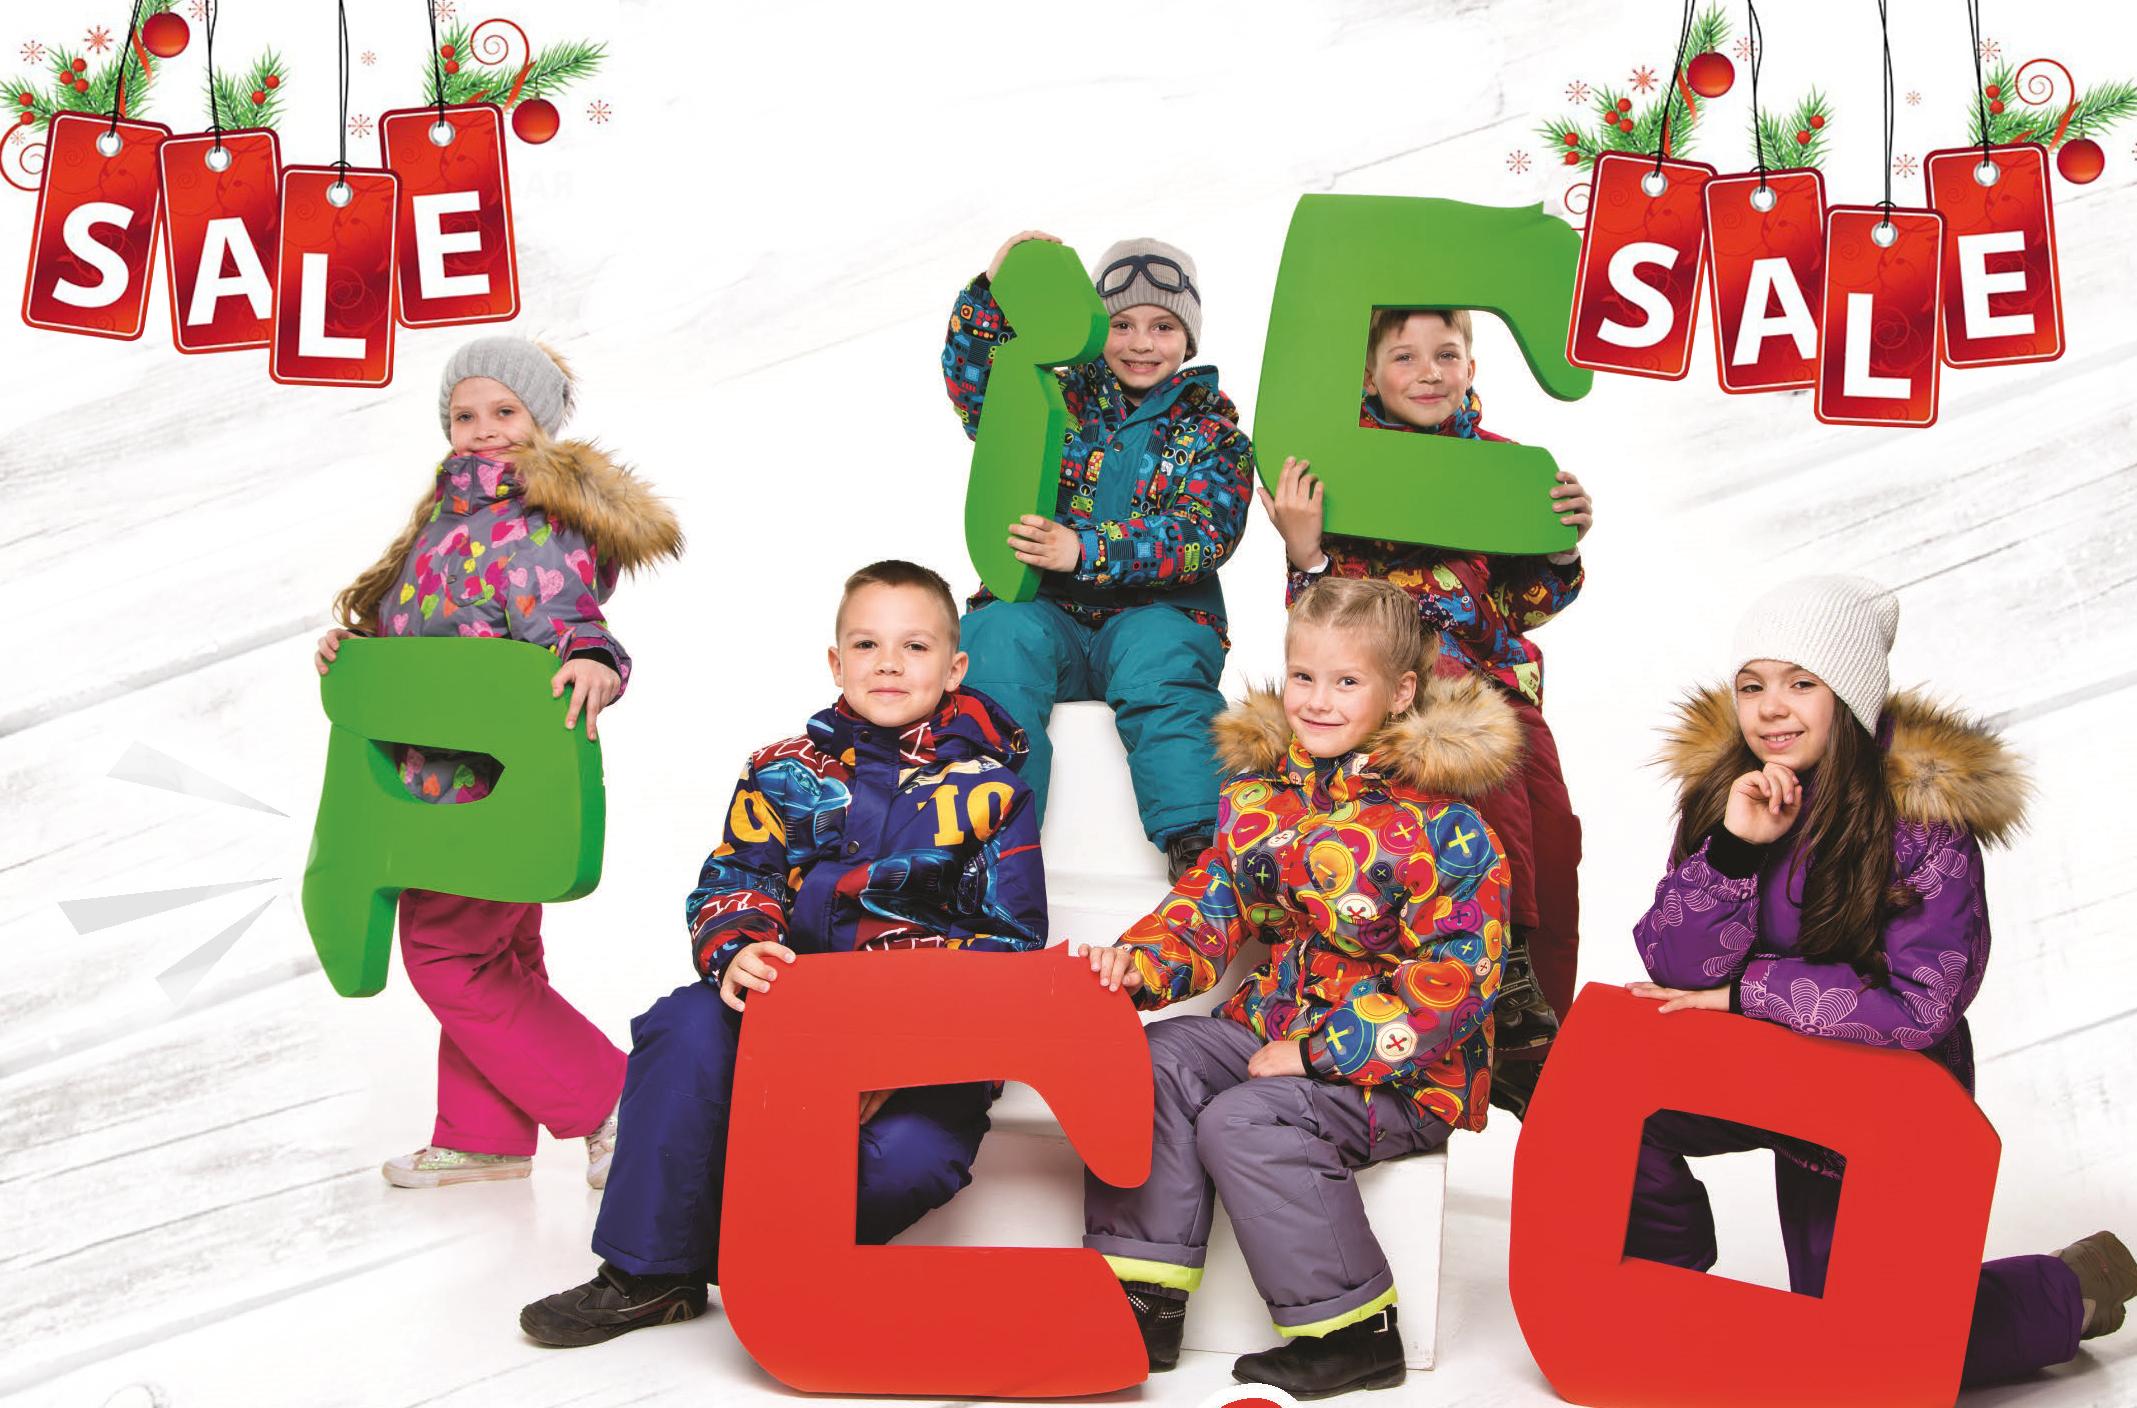 Сбор заказов. Новогодняя распродажа. Верхняя одежда PicCo итальянский дизайн, канадские технологии.